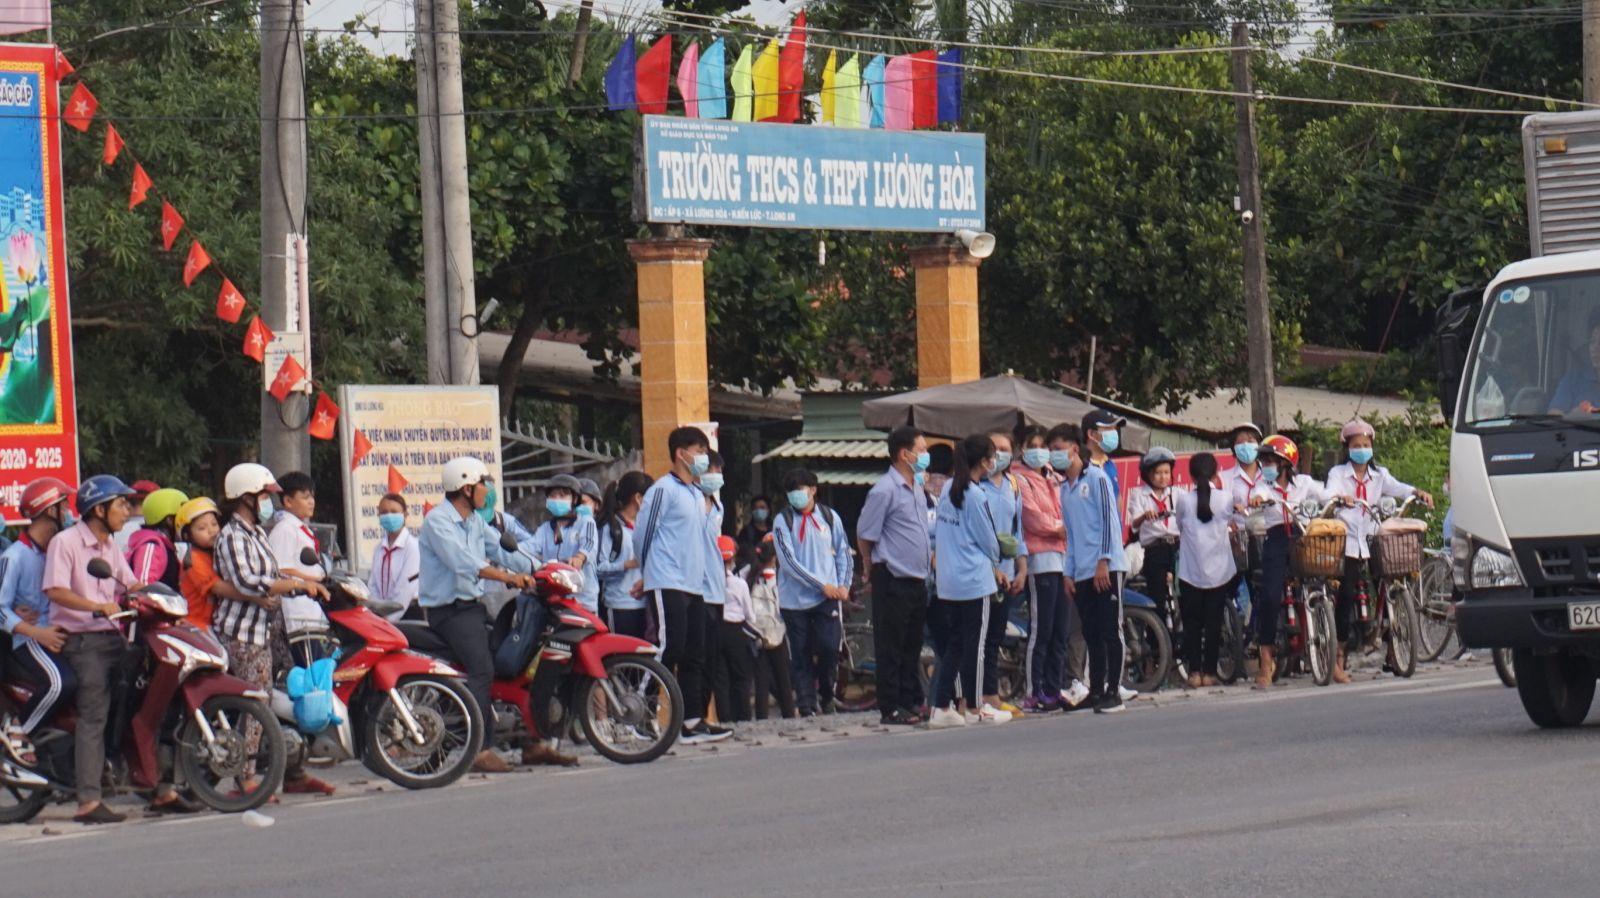 Giờ tan trường của học sinh Trường THCS&THPT Lương Hòa